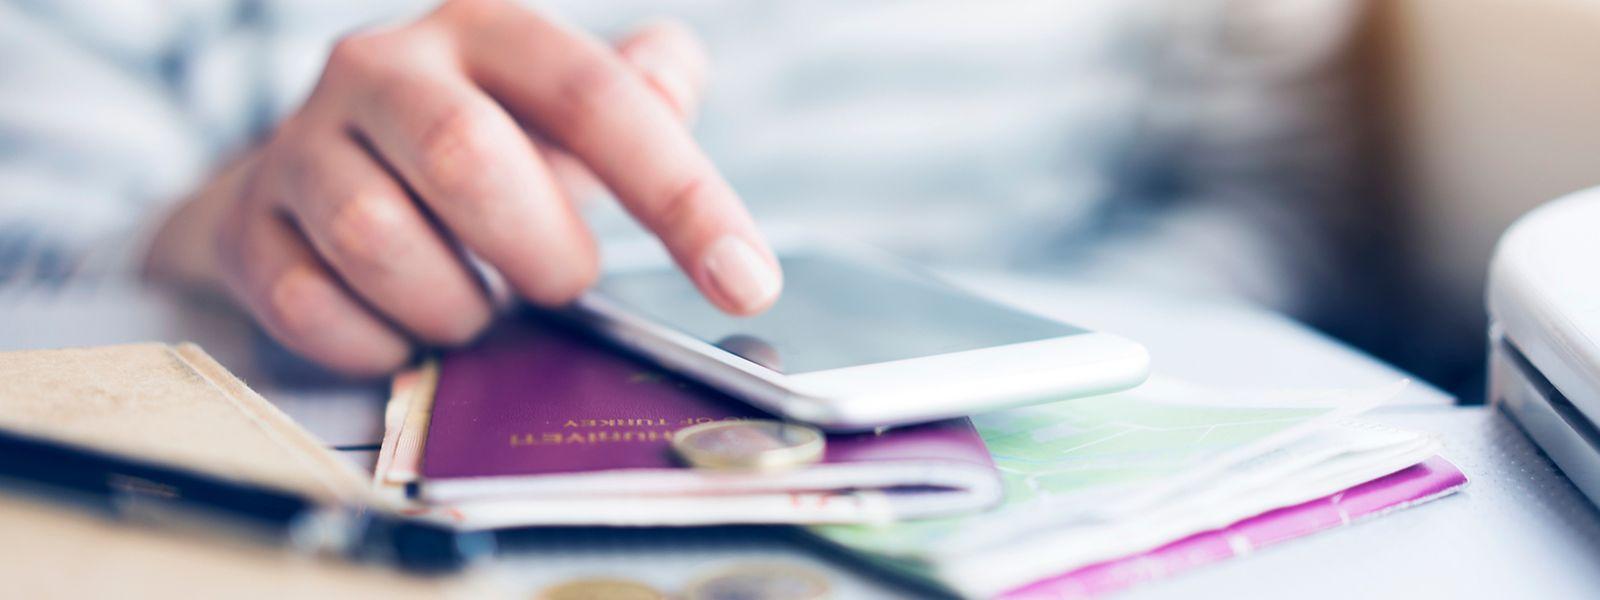 Seuls 21 % utilisent leur smartphone pour acheter des billets d'avion.